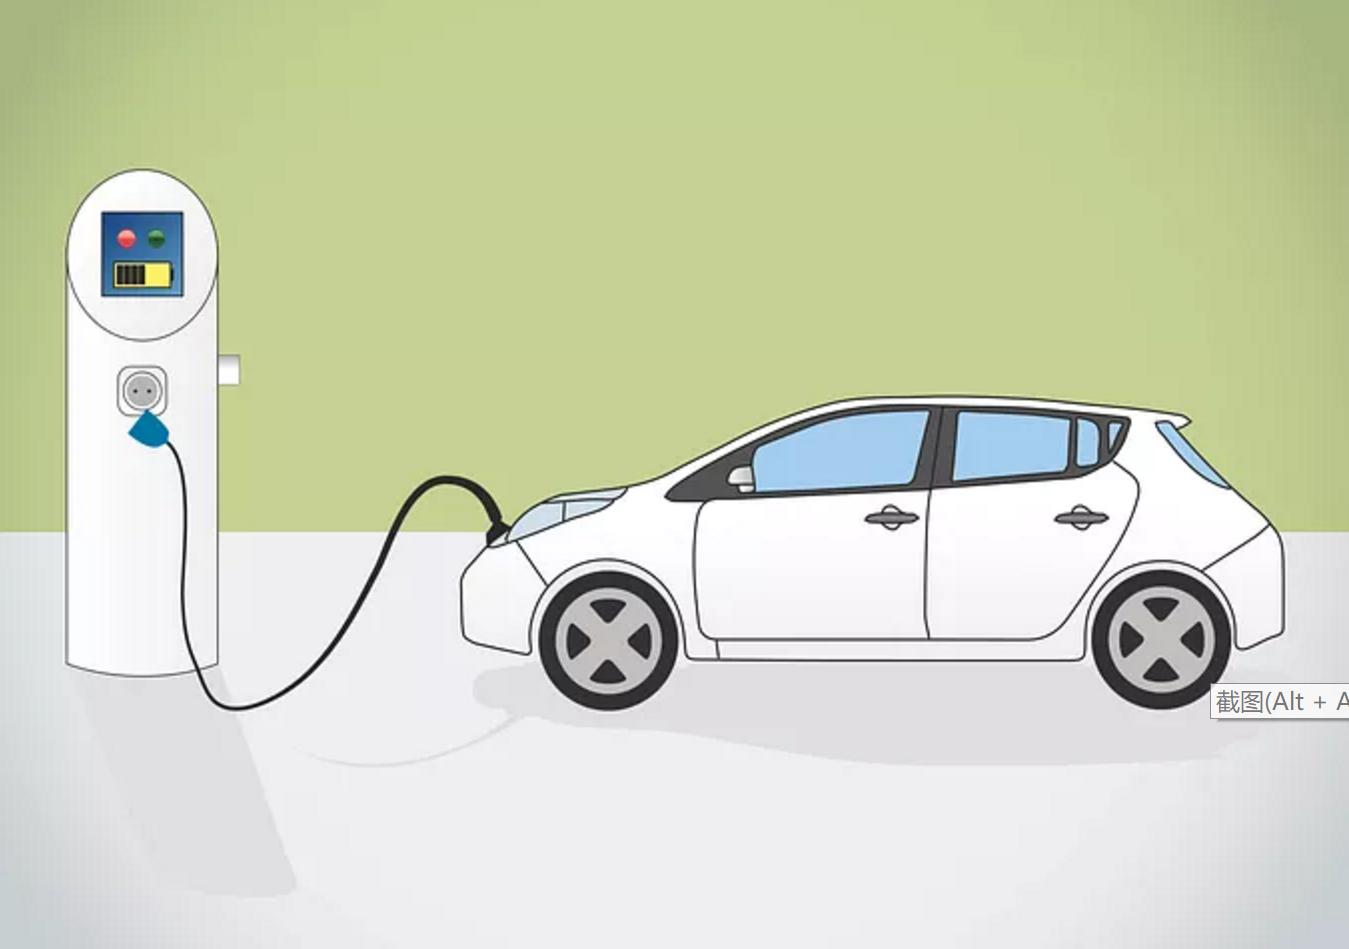 近2000億美元砸向電動汽車,拜登政府意欲何為